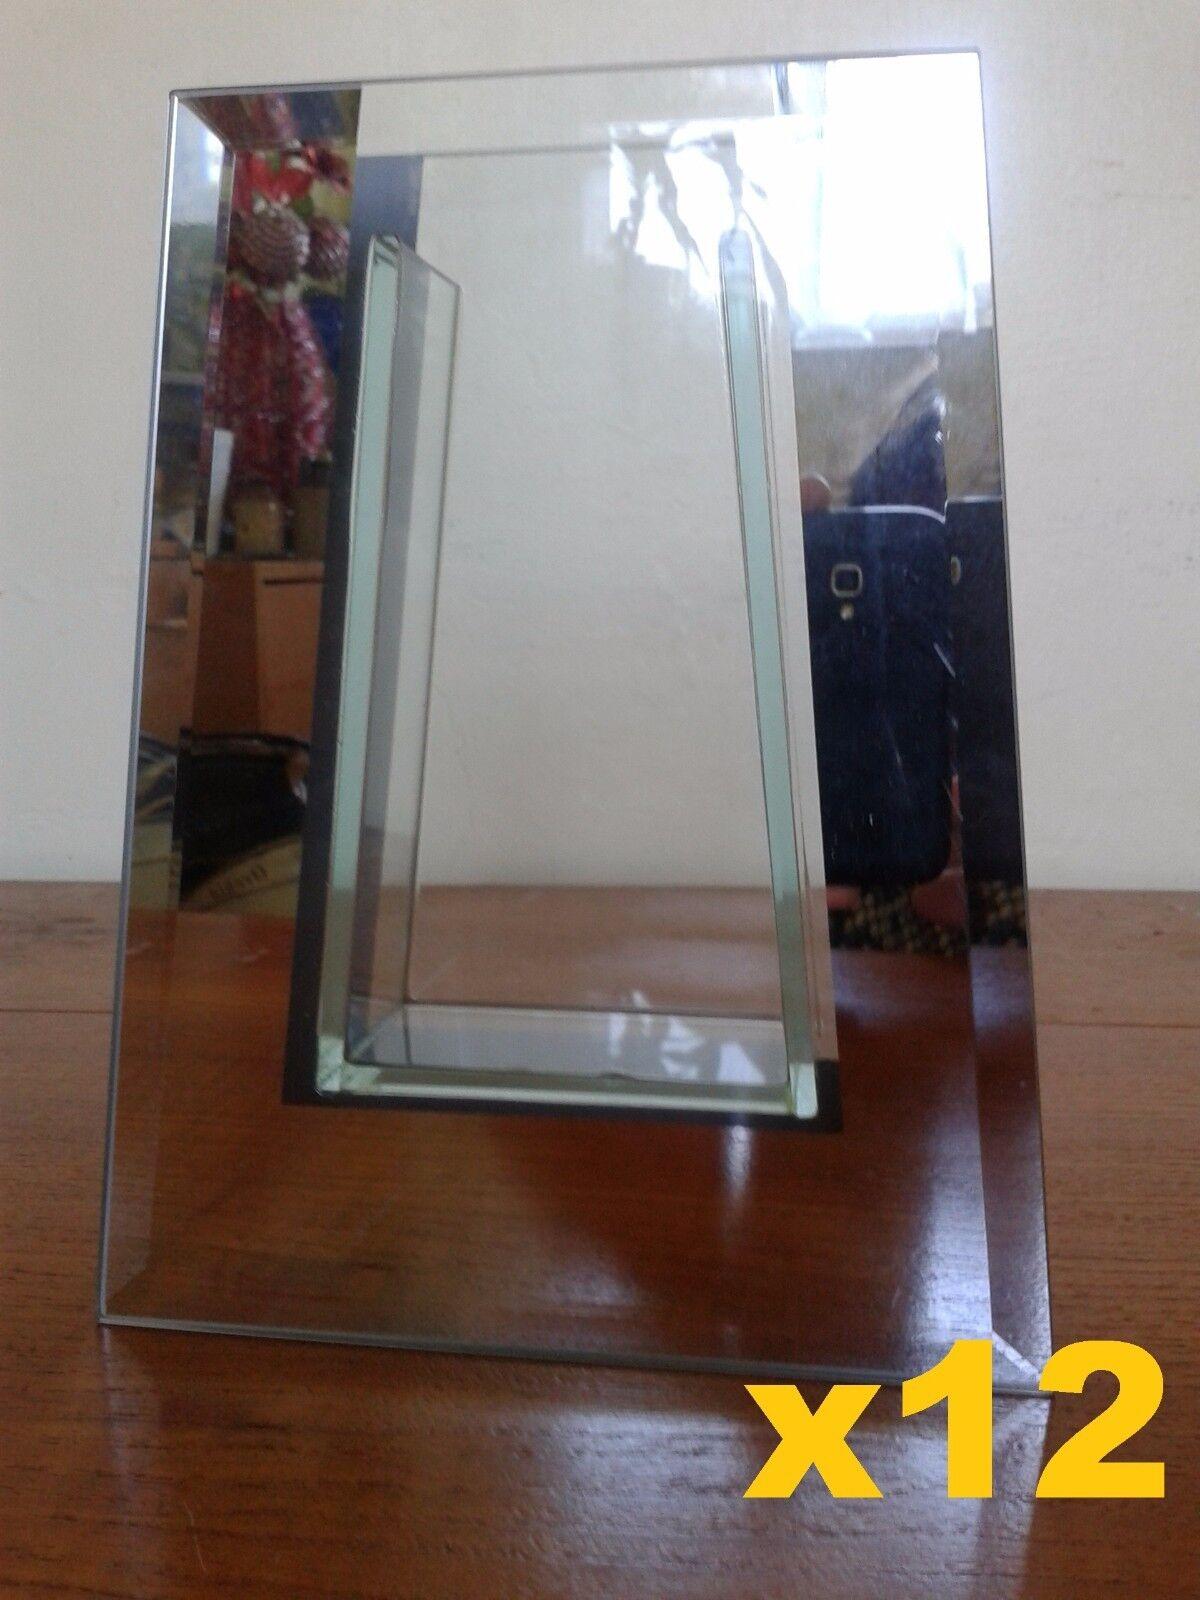 X12 verre miroir décoratif vase pièce centrale 20cm de hauteur vrac joblots wholesale